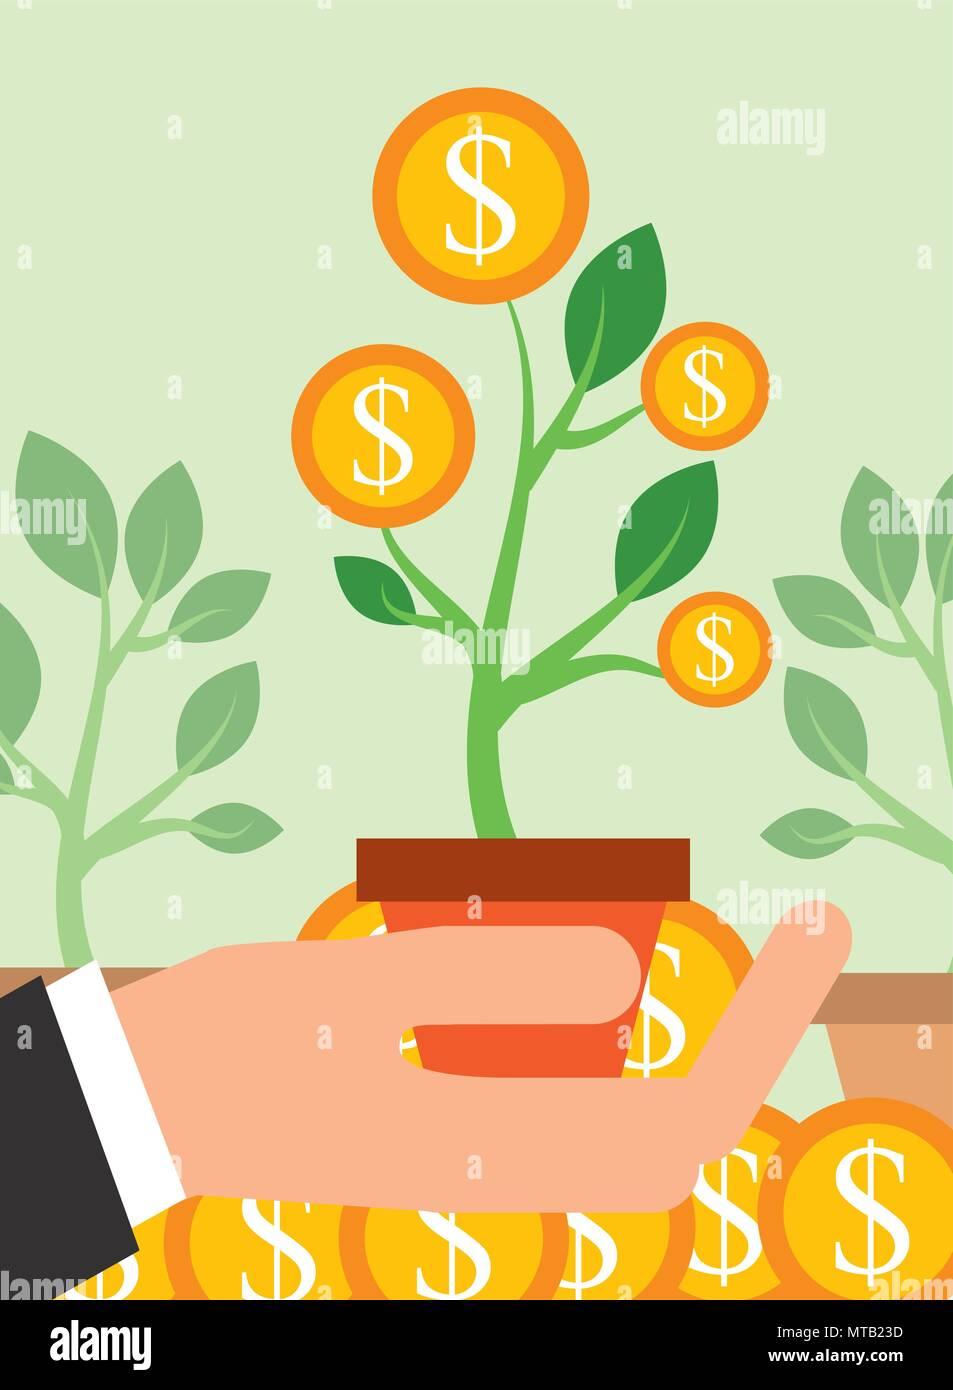 Risparmio di denaro business Illustrazione Vettoriale